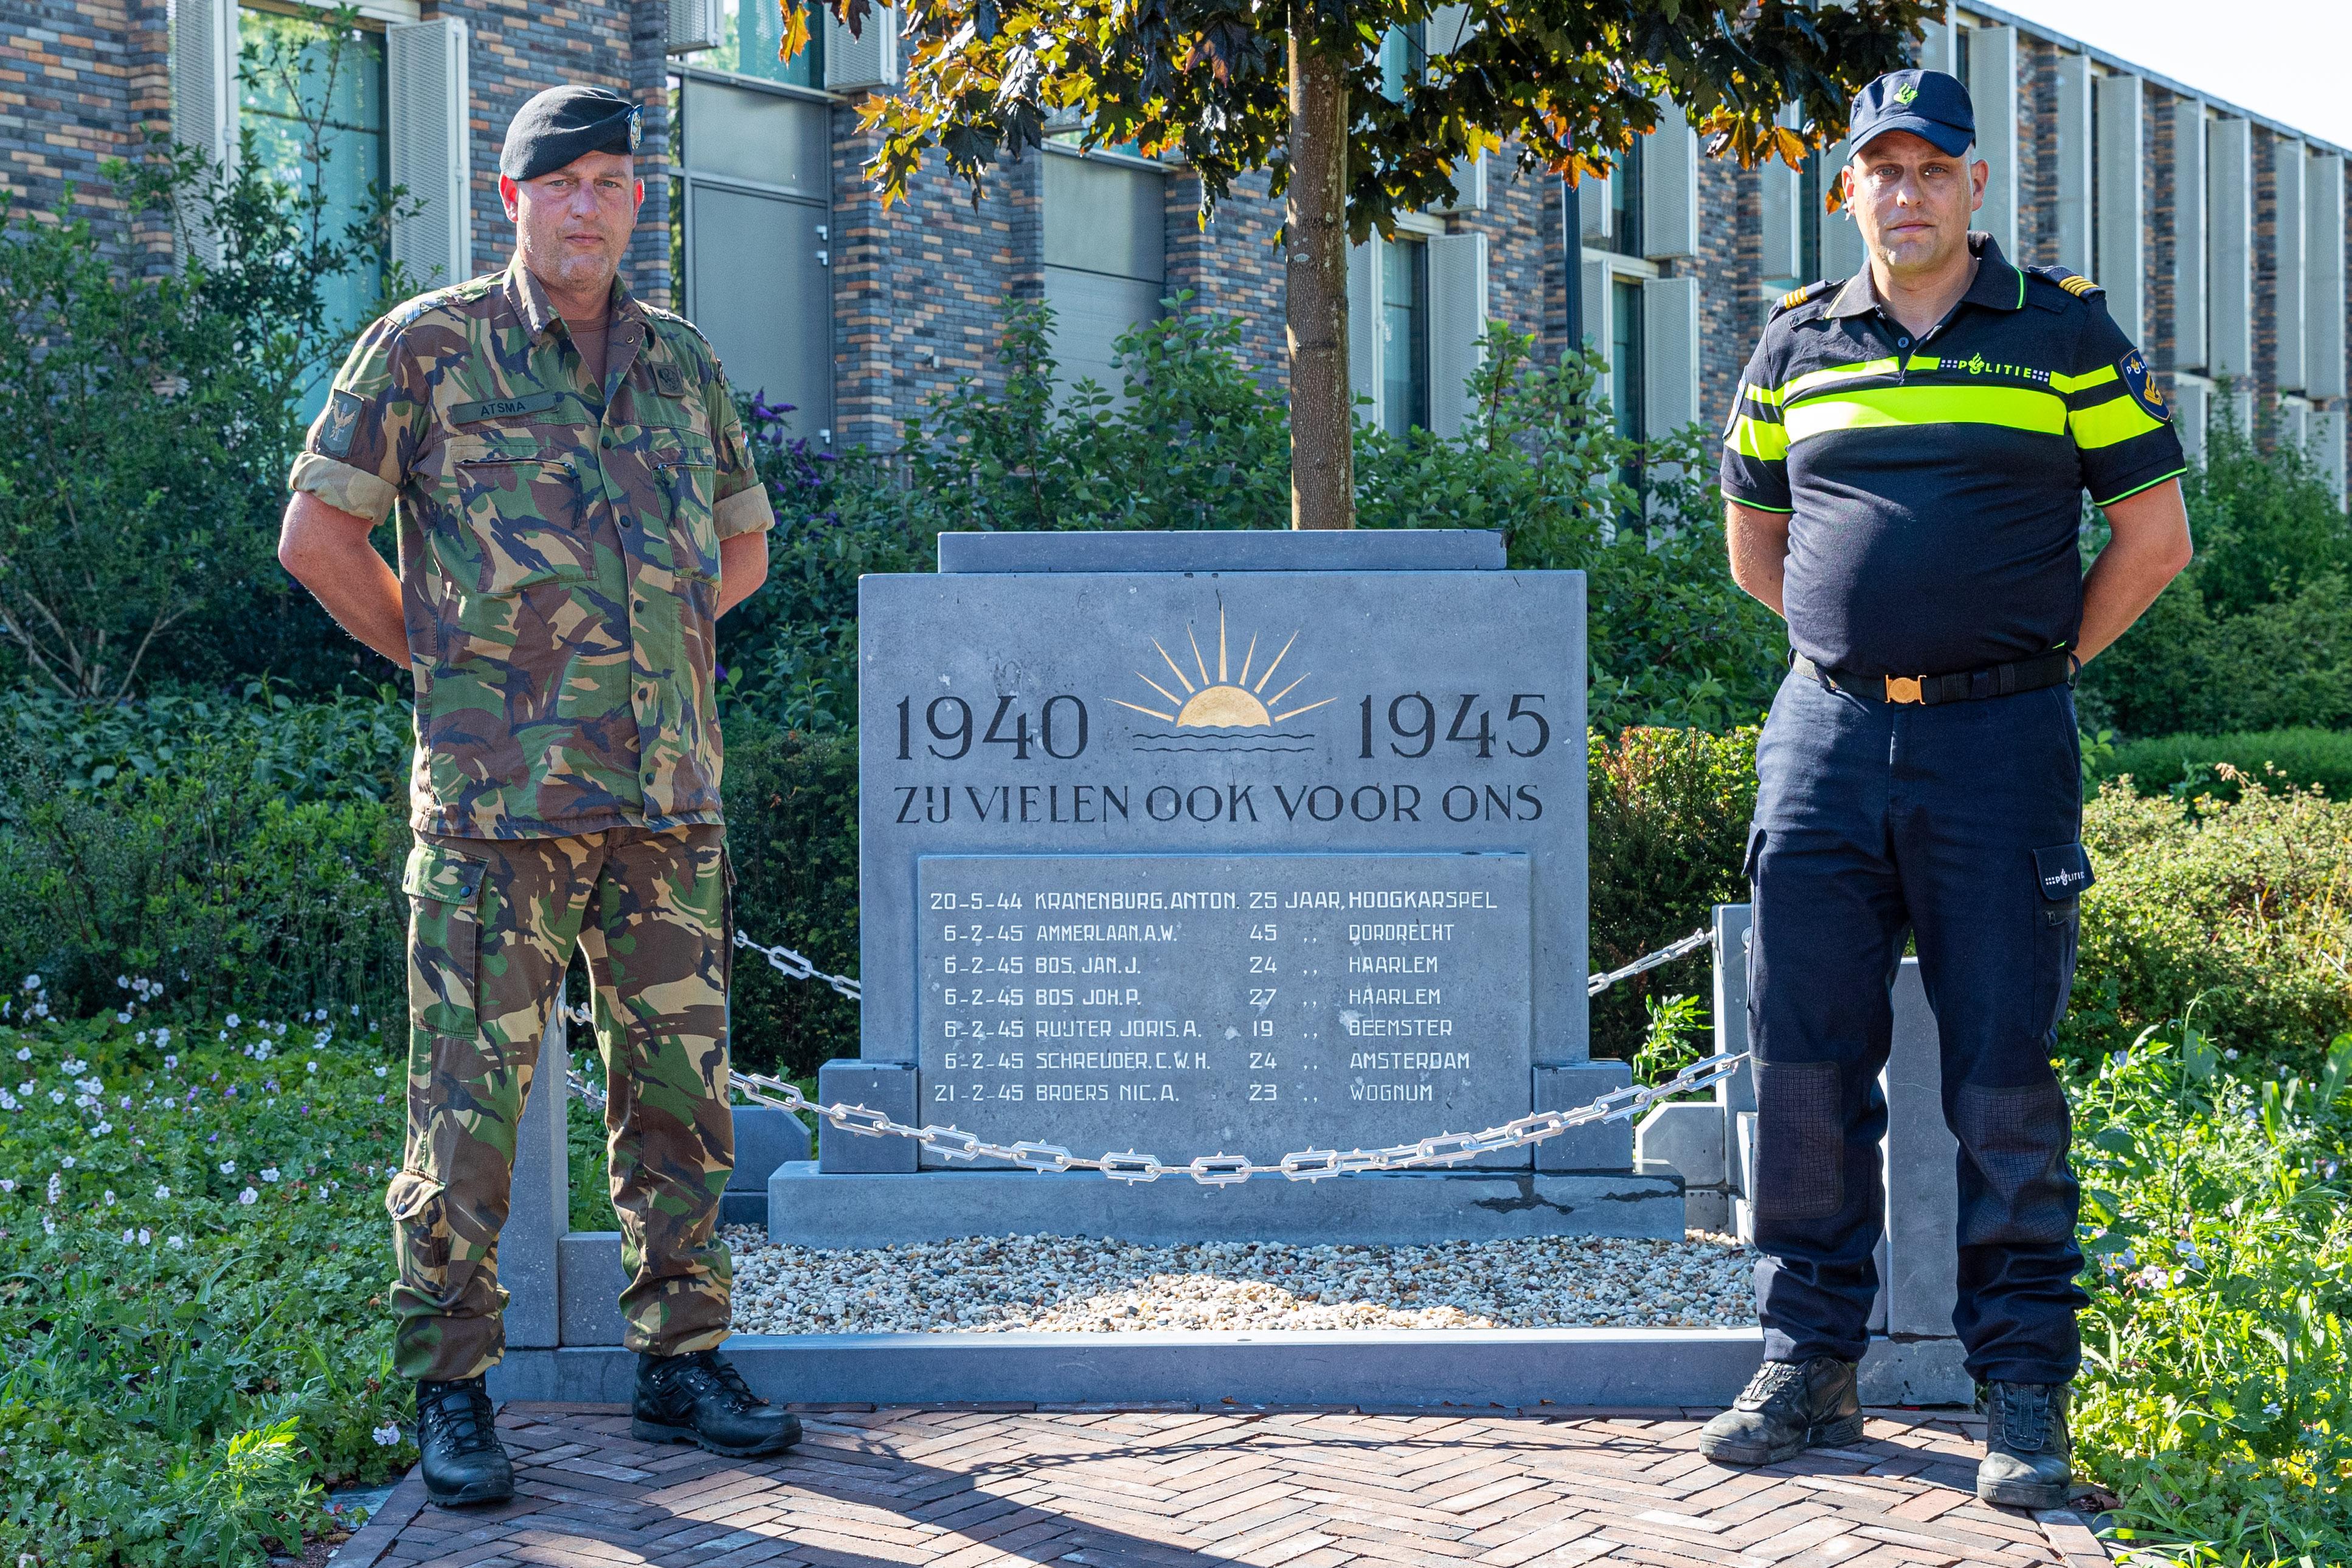 West-Friese 'brothers in arms' Ramon en Robert Atsma staan toch even stil bij afgelaste Veteranendag: 'Dat je als militair je leven geeft voor een ander begrijpt niet iedereen'